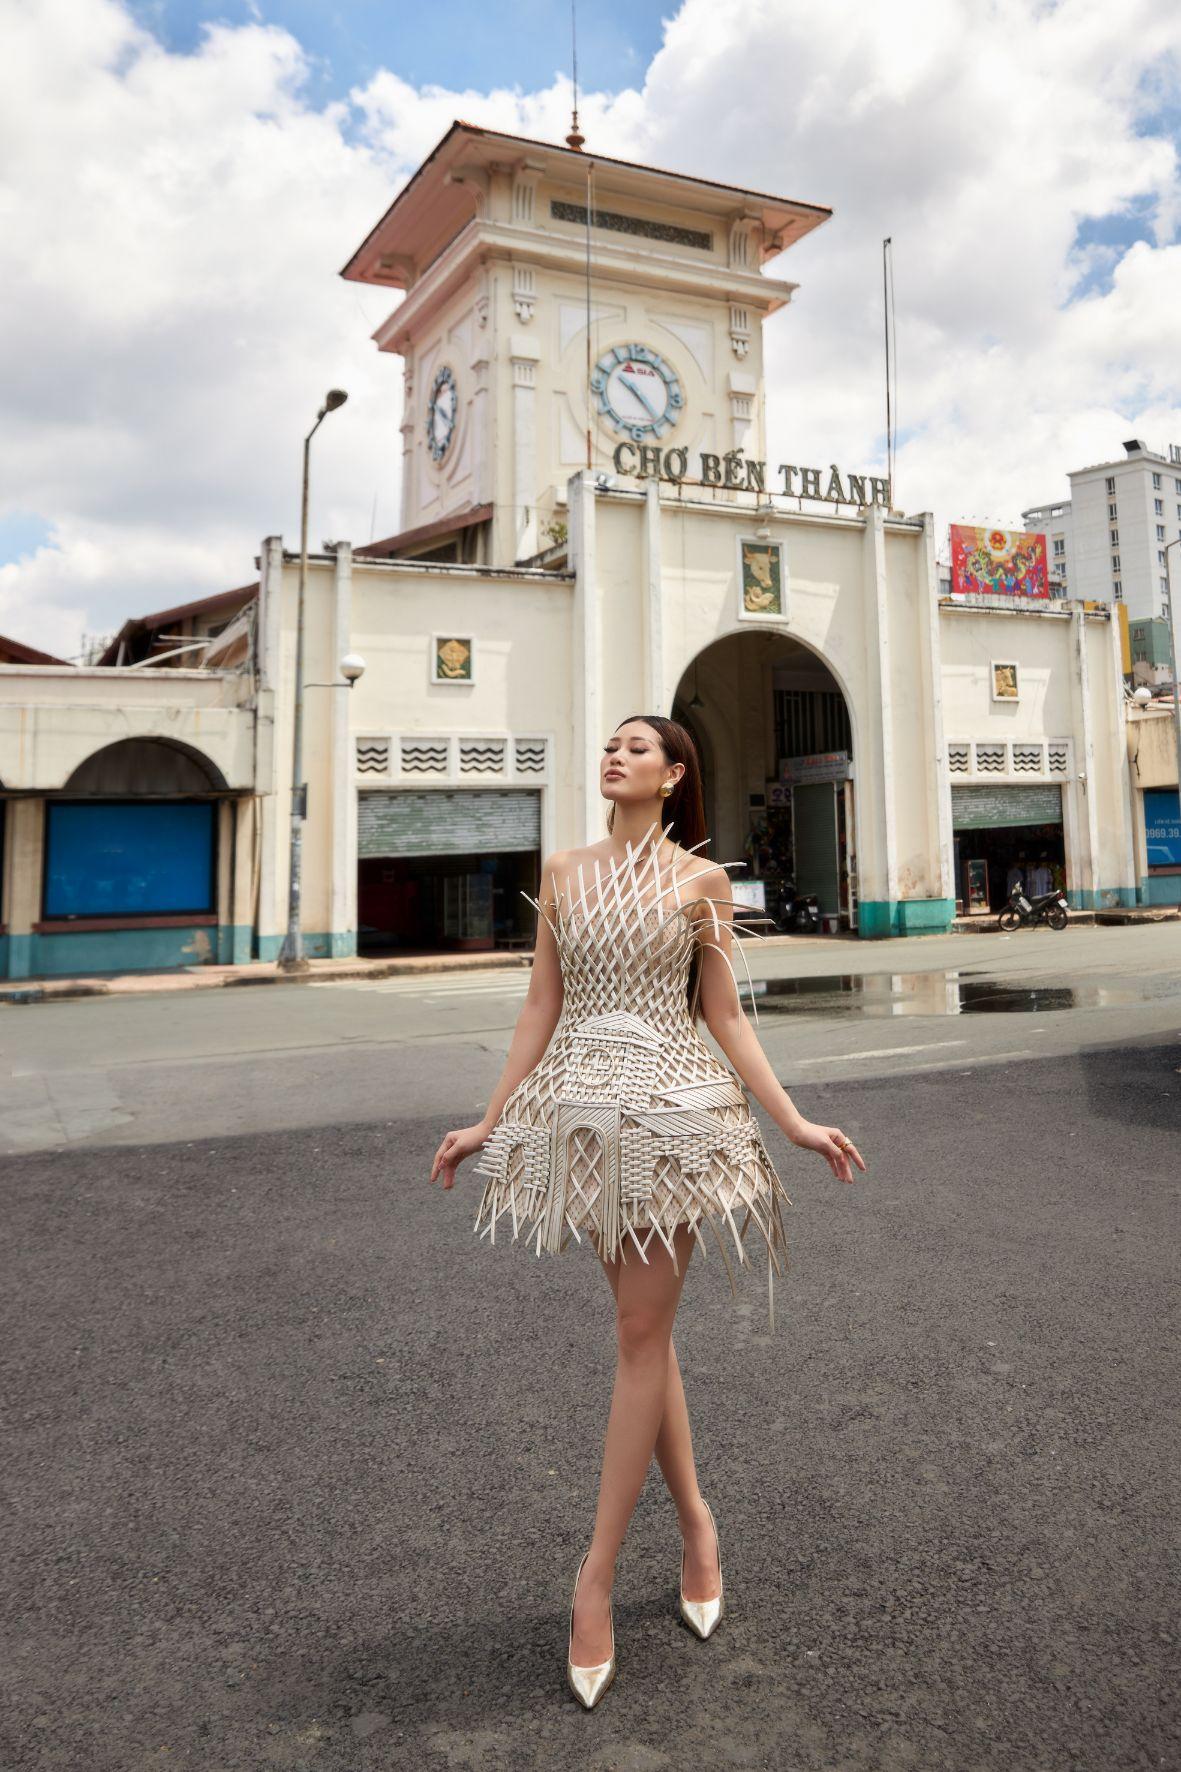 Hoa hau Khanh Van0 Hoa hậu Khánh Vân quảng bá TP.HCM thông qua trang phục tại Miss Universe